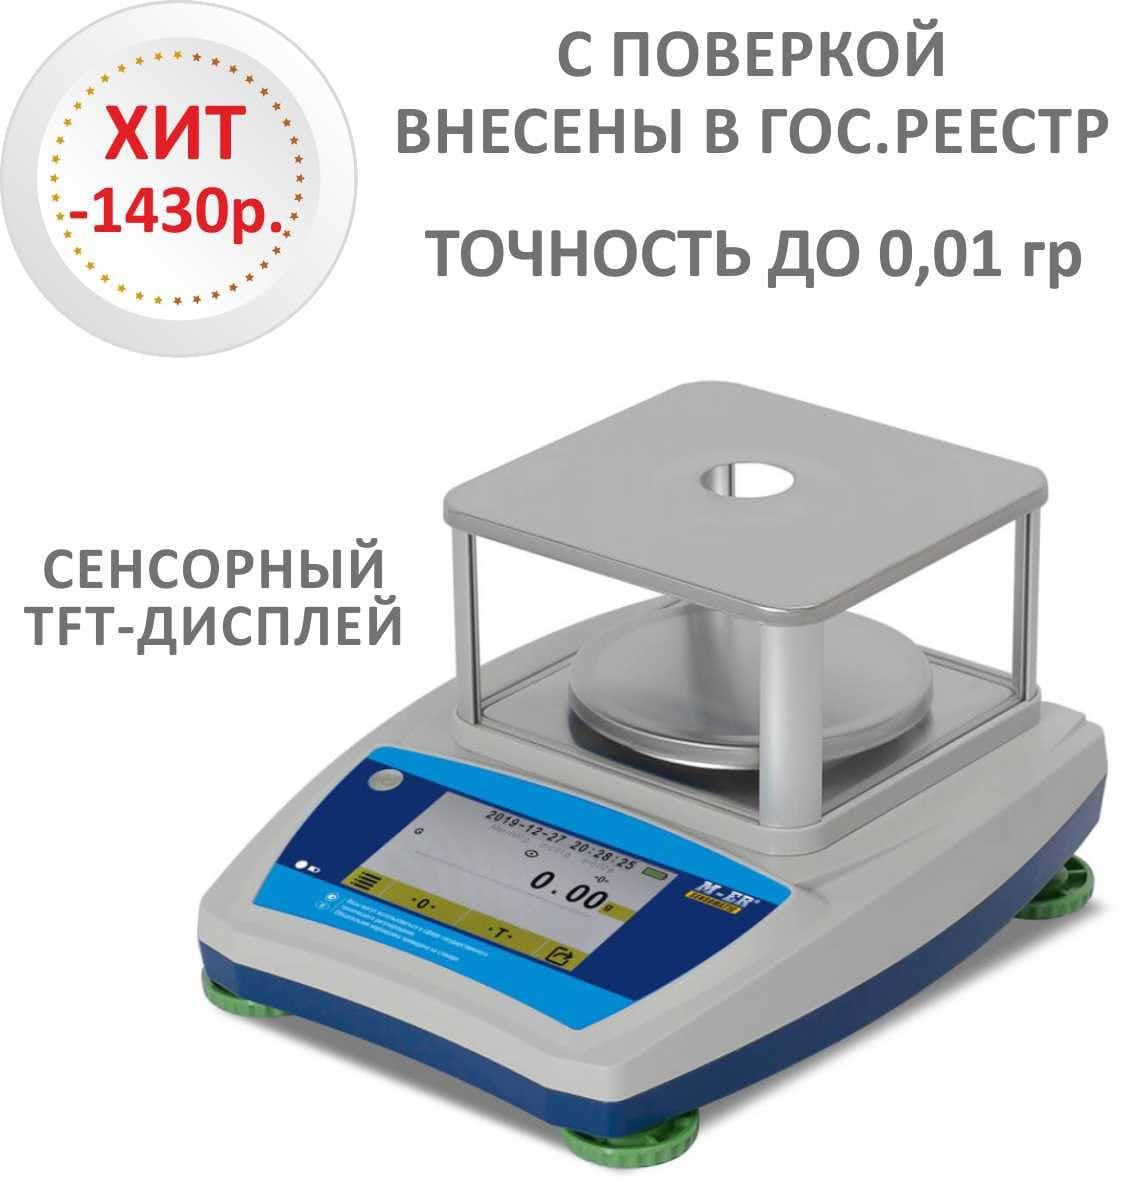 Весы лабораторные/аналитические M-ER 123 АCFJR-600.01 SENSOMATIC TFT RS232 и USB - вид спереди